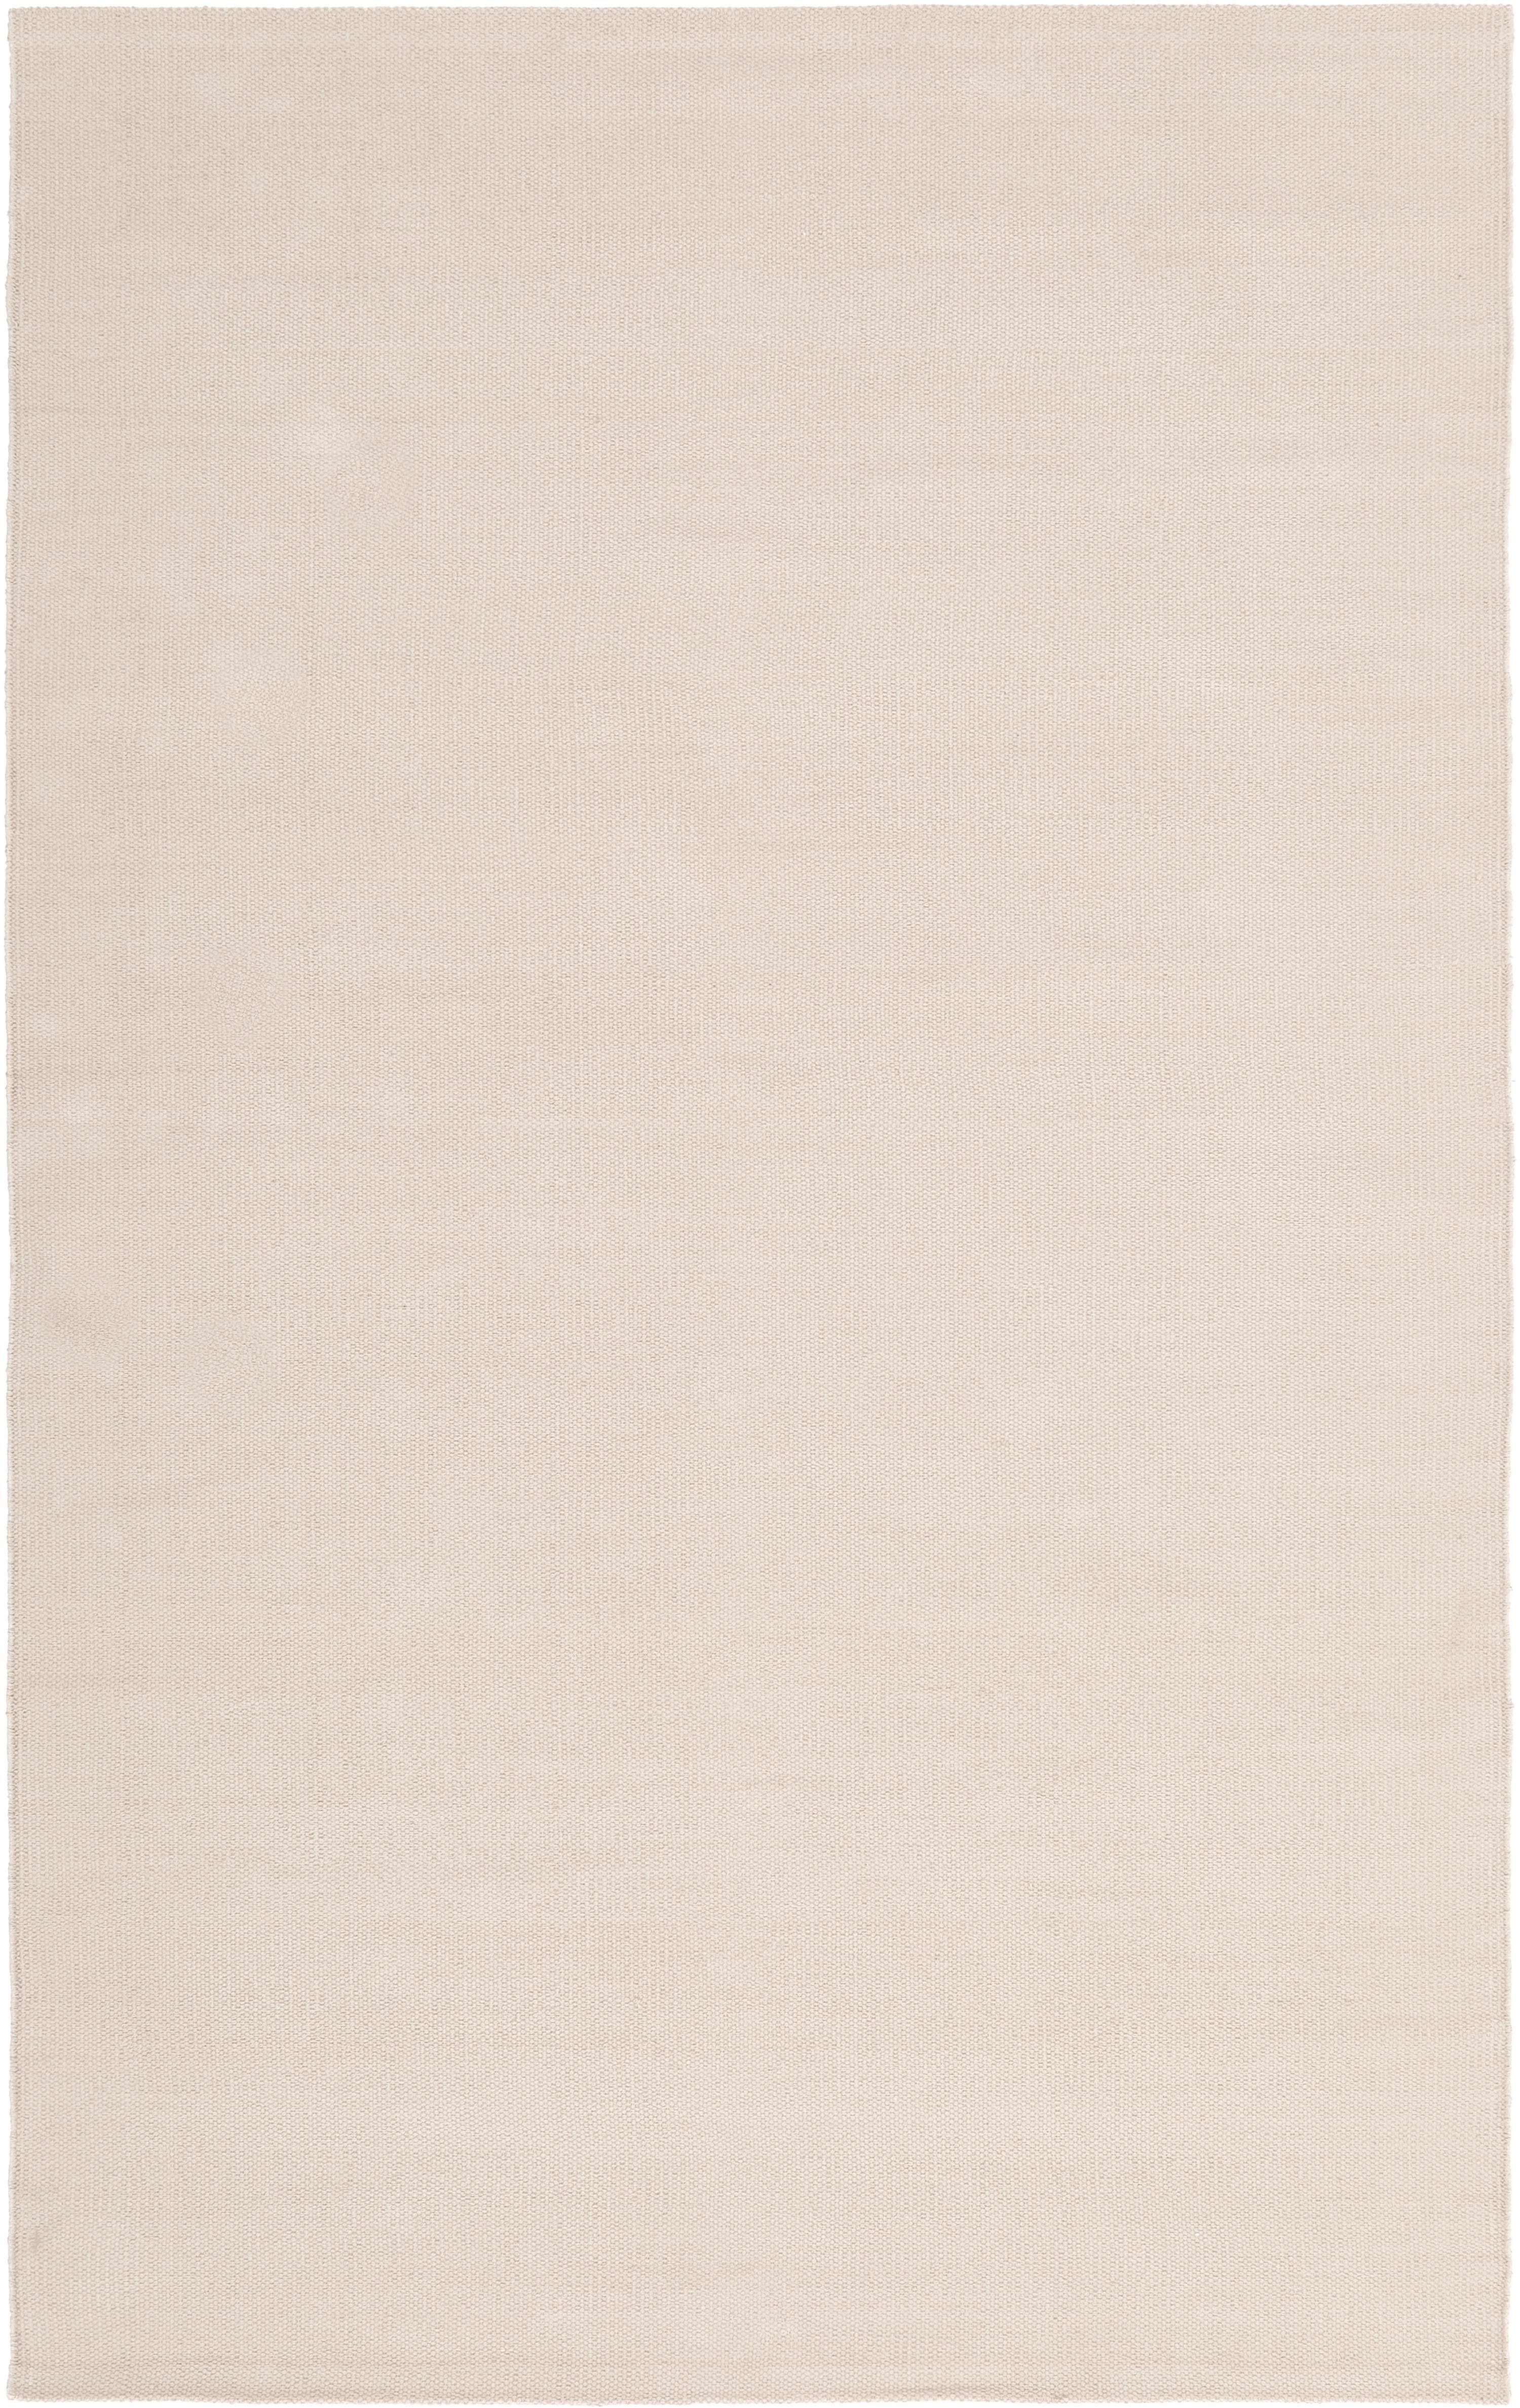 Tenký ručne tkaný bavlnený koberec Agneta, Béžová